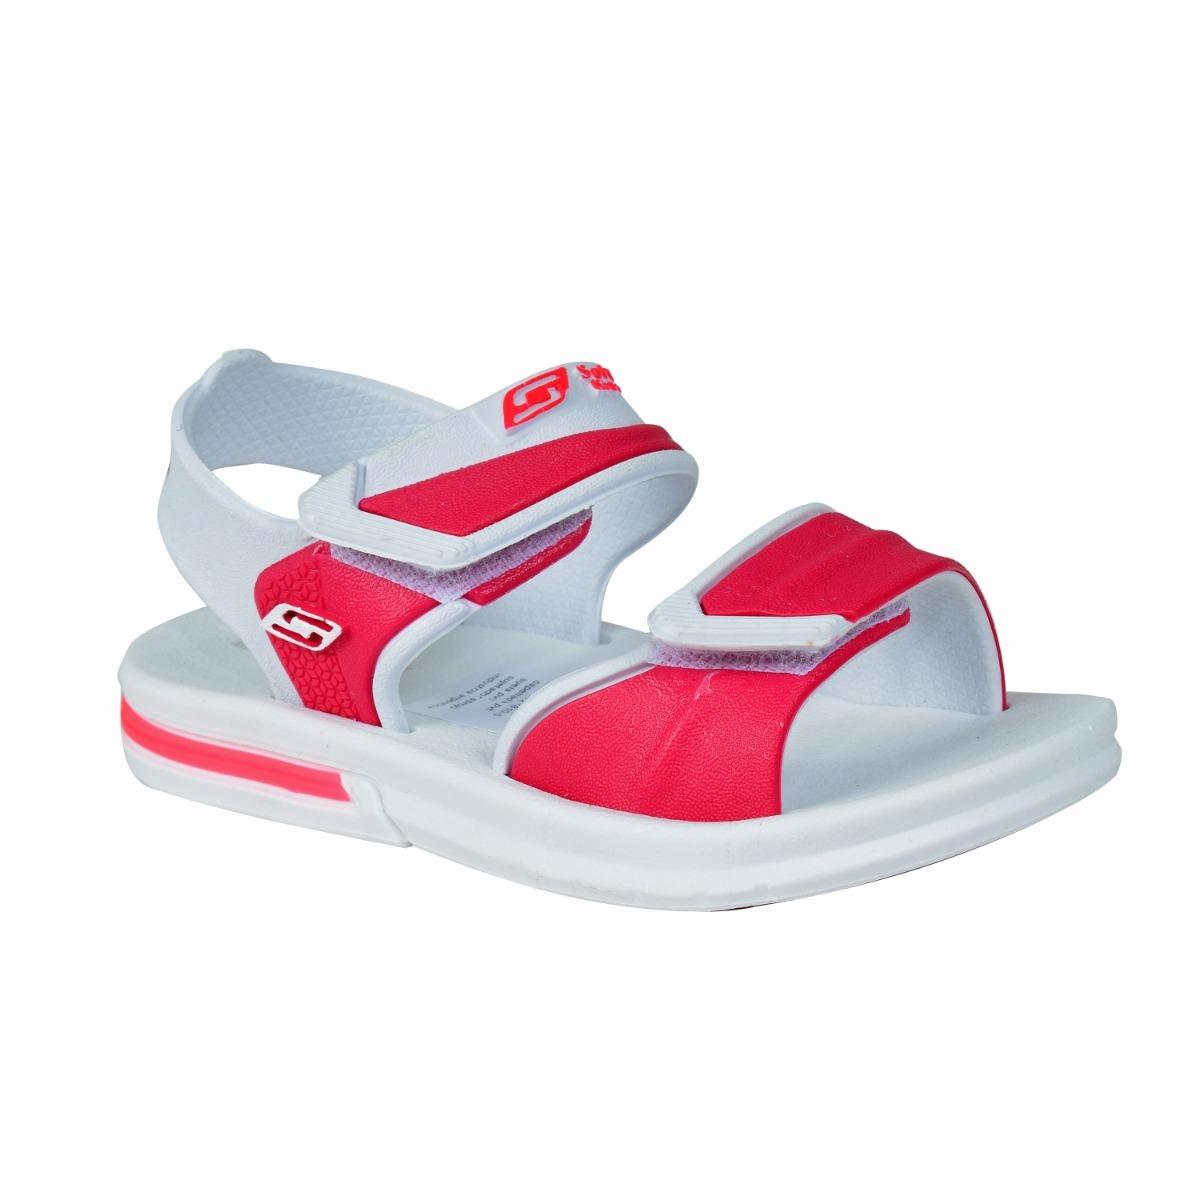 ec7b15827 sandalias agua niñas 3 col soft verano promo alcostocalzado. Cargando zoom.